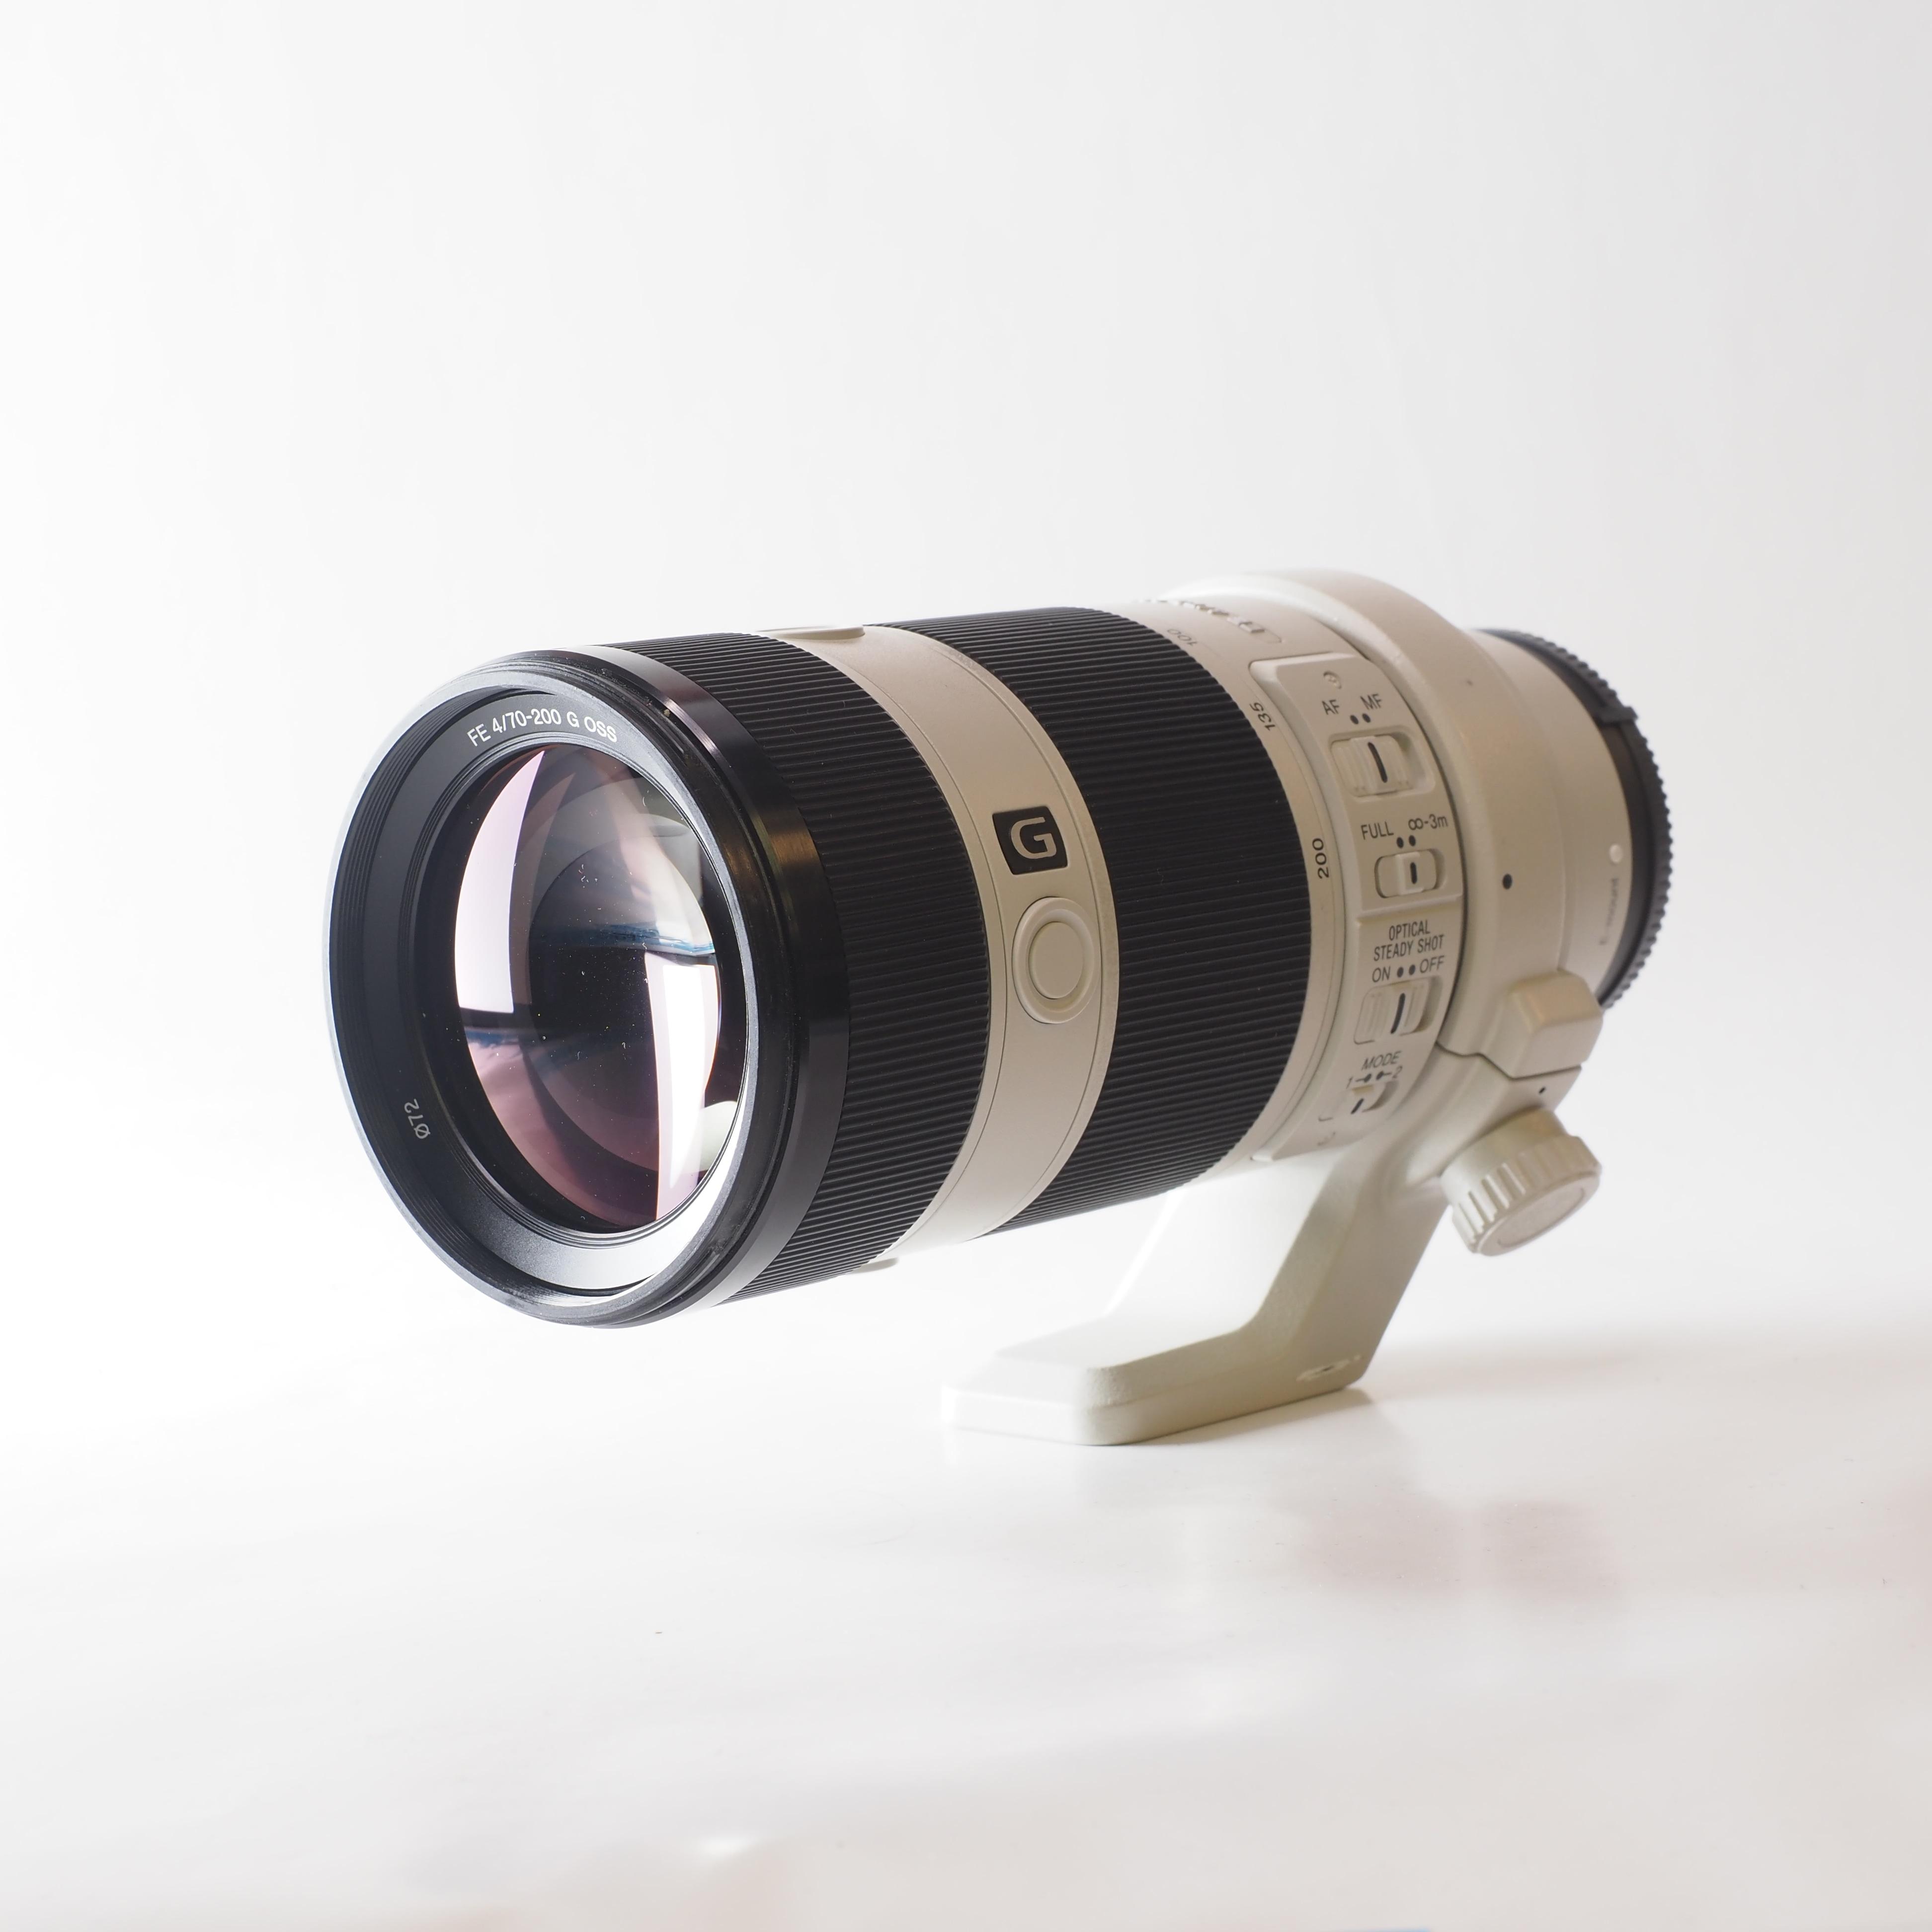 Sony FE 70-200mm f/4 G OSS - Begagnad